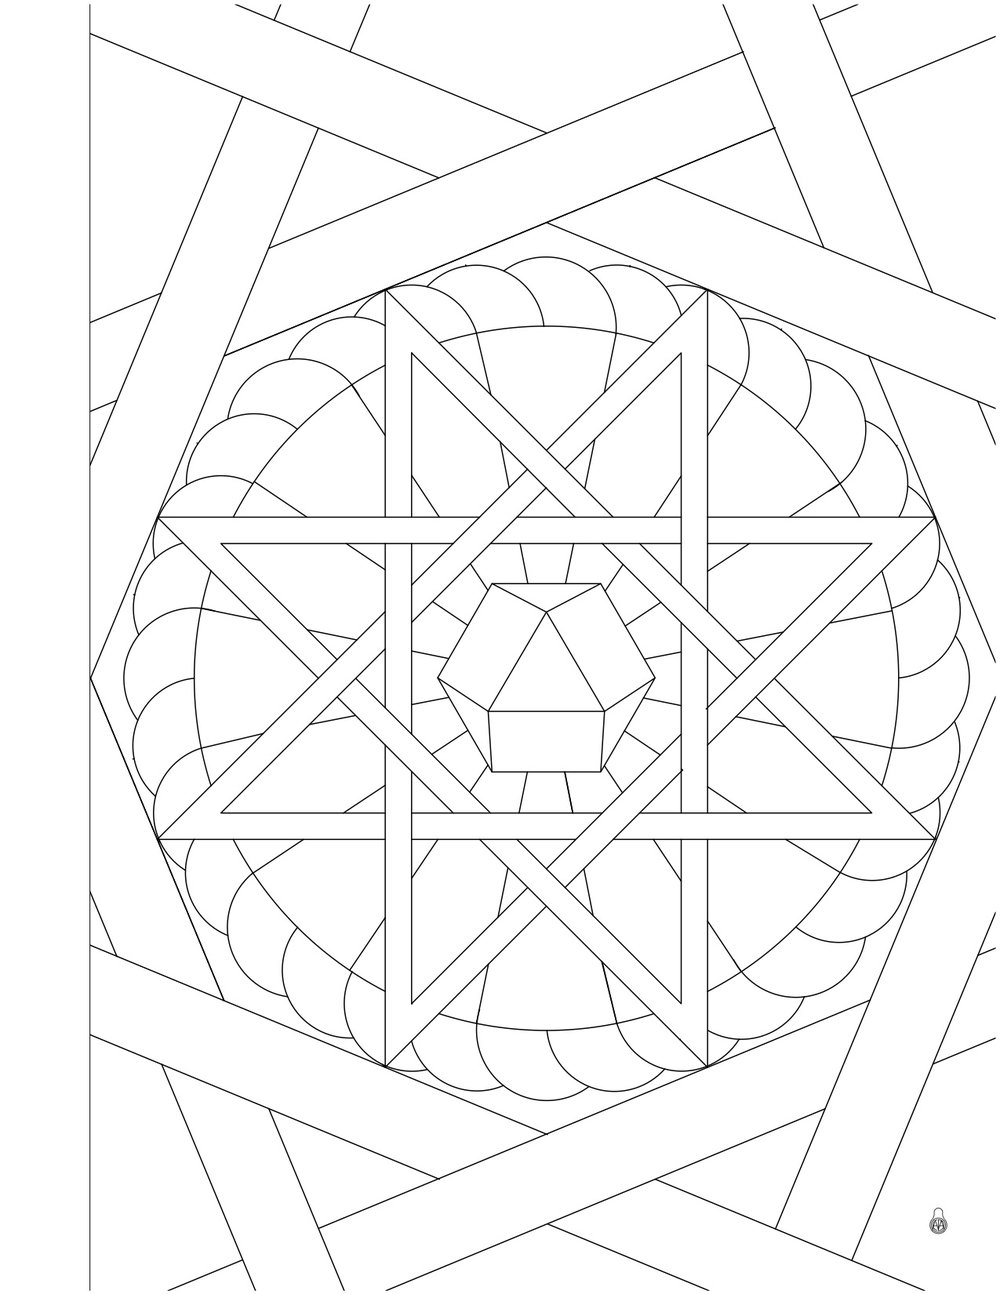 8 CubeOctoZoomBleed.jpg